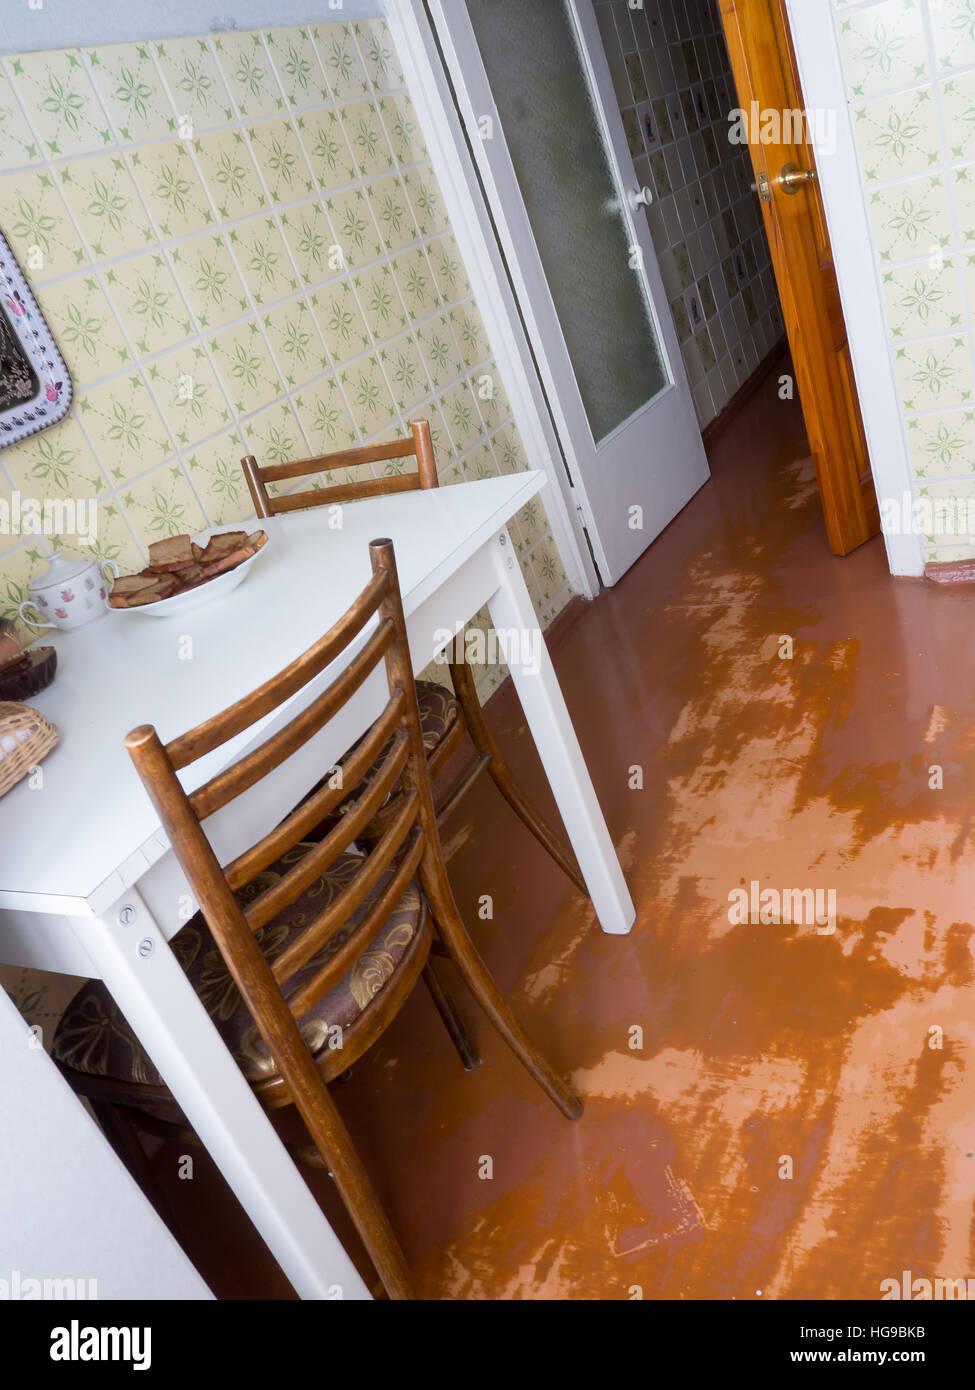 La cuisine d'artifices et des objets. Photo Stock